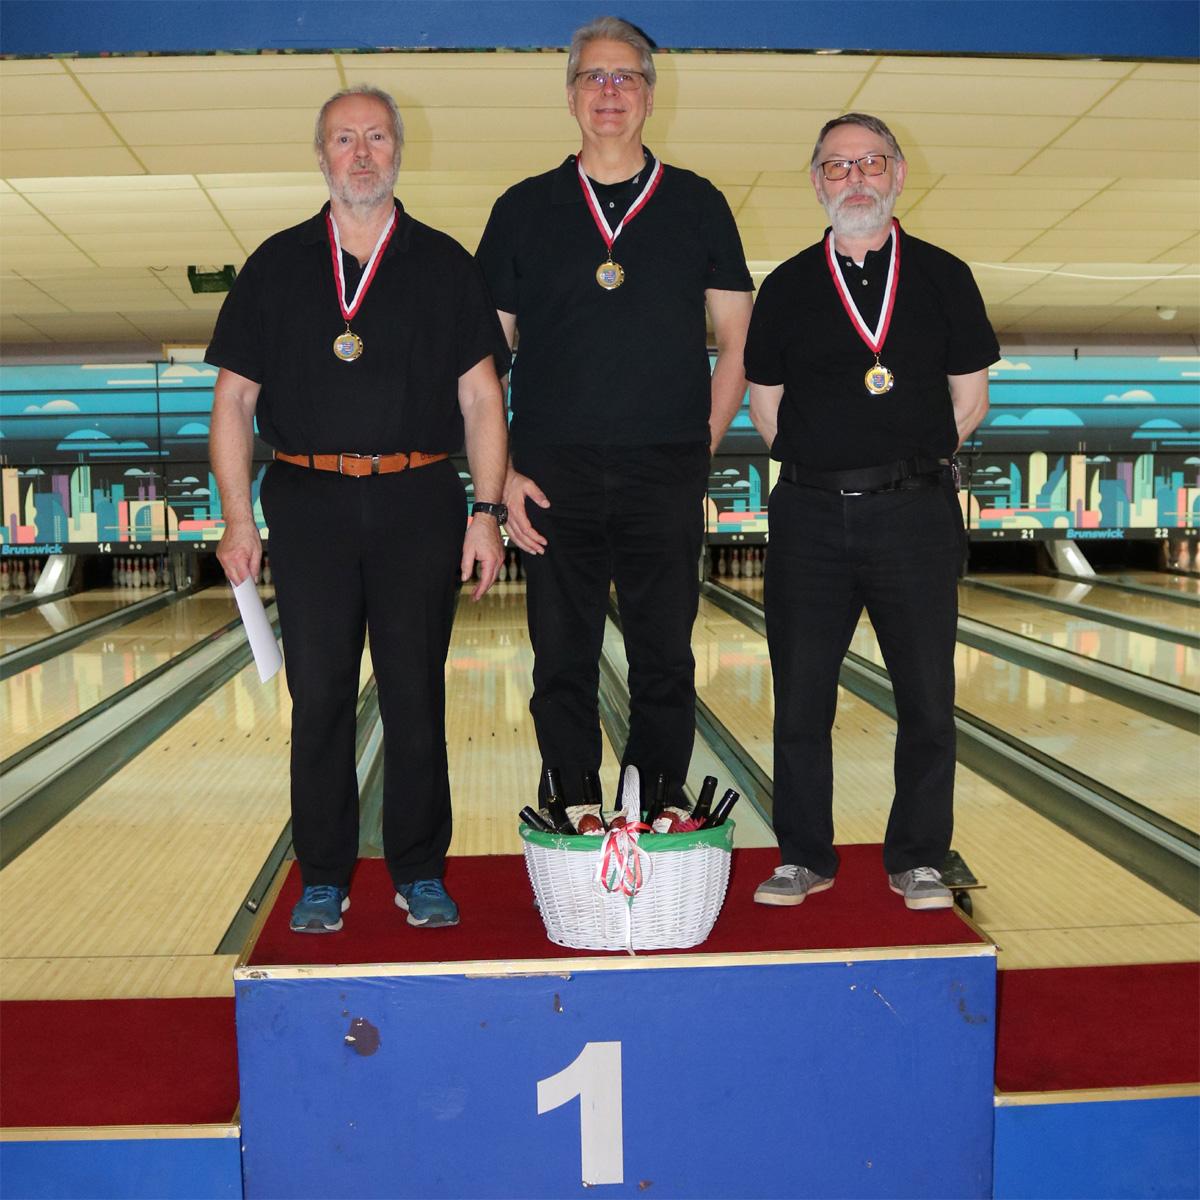 Senioren B: Platz 1 - Werner Laun, Hans-Jürgen Naumann, Kurt Geretshauser